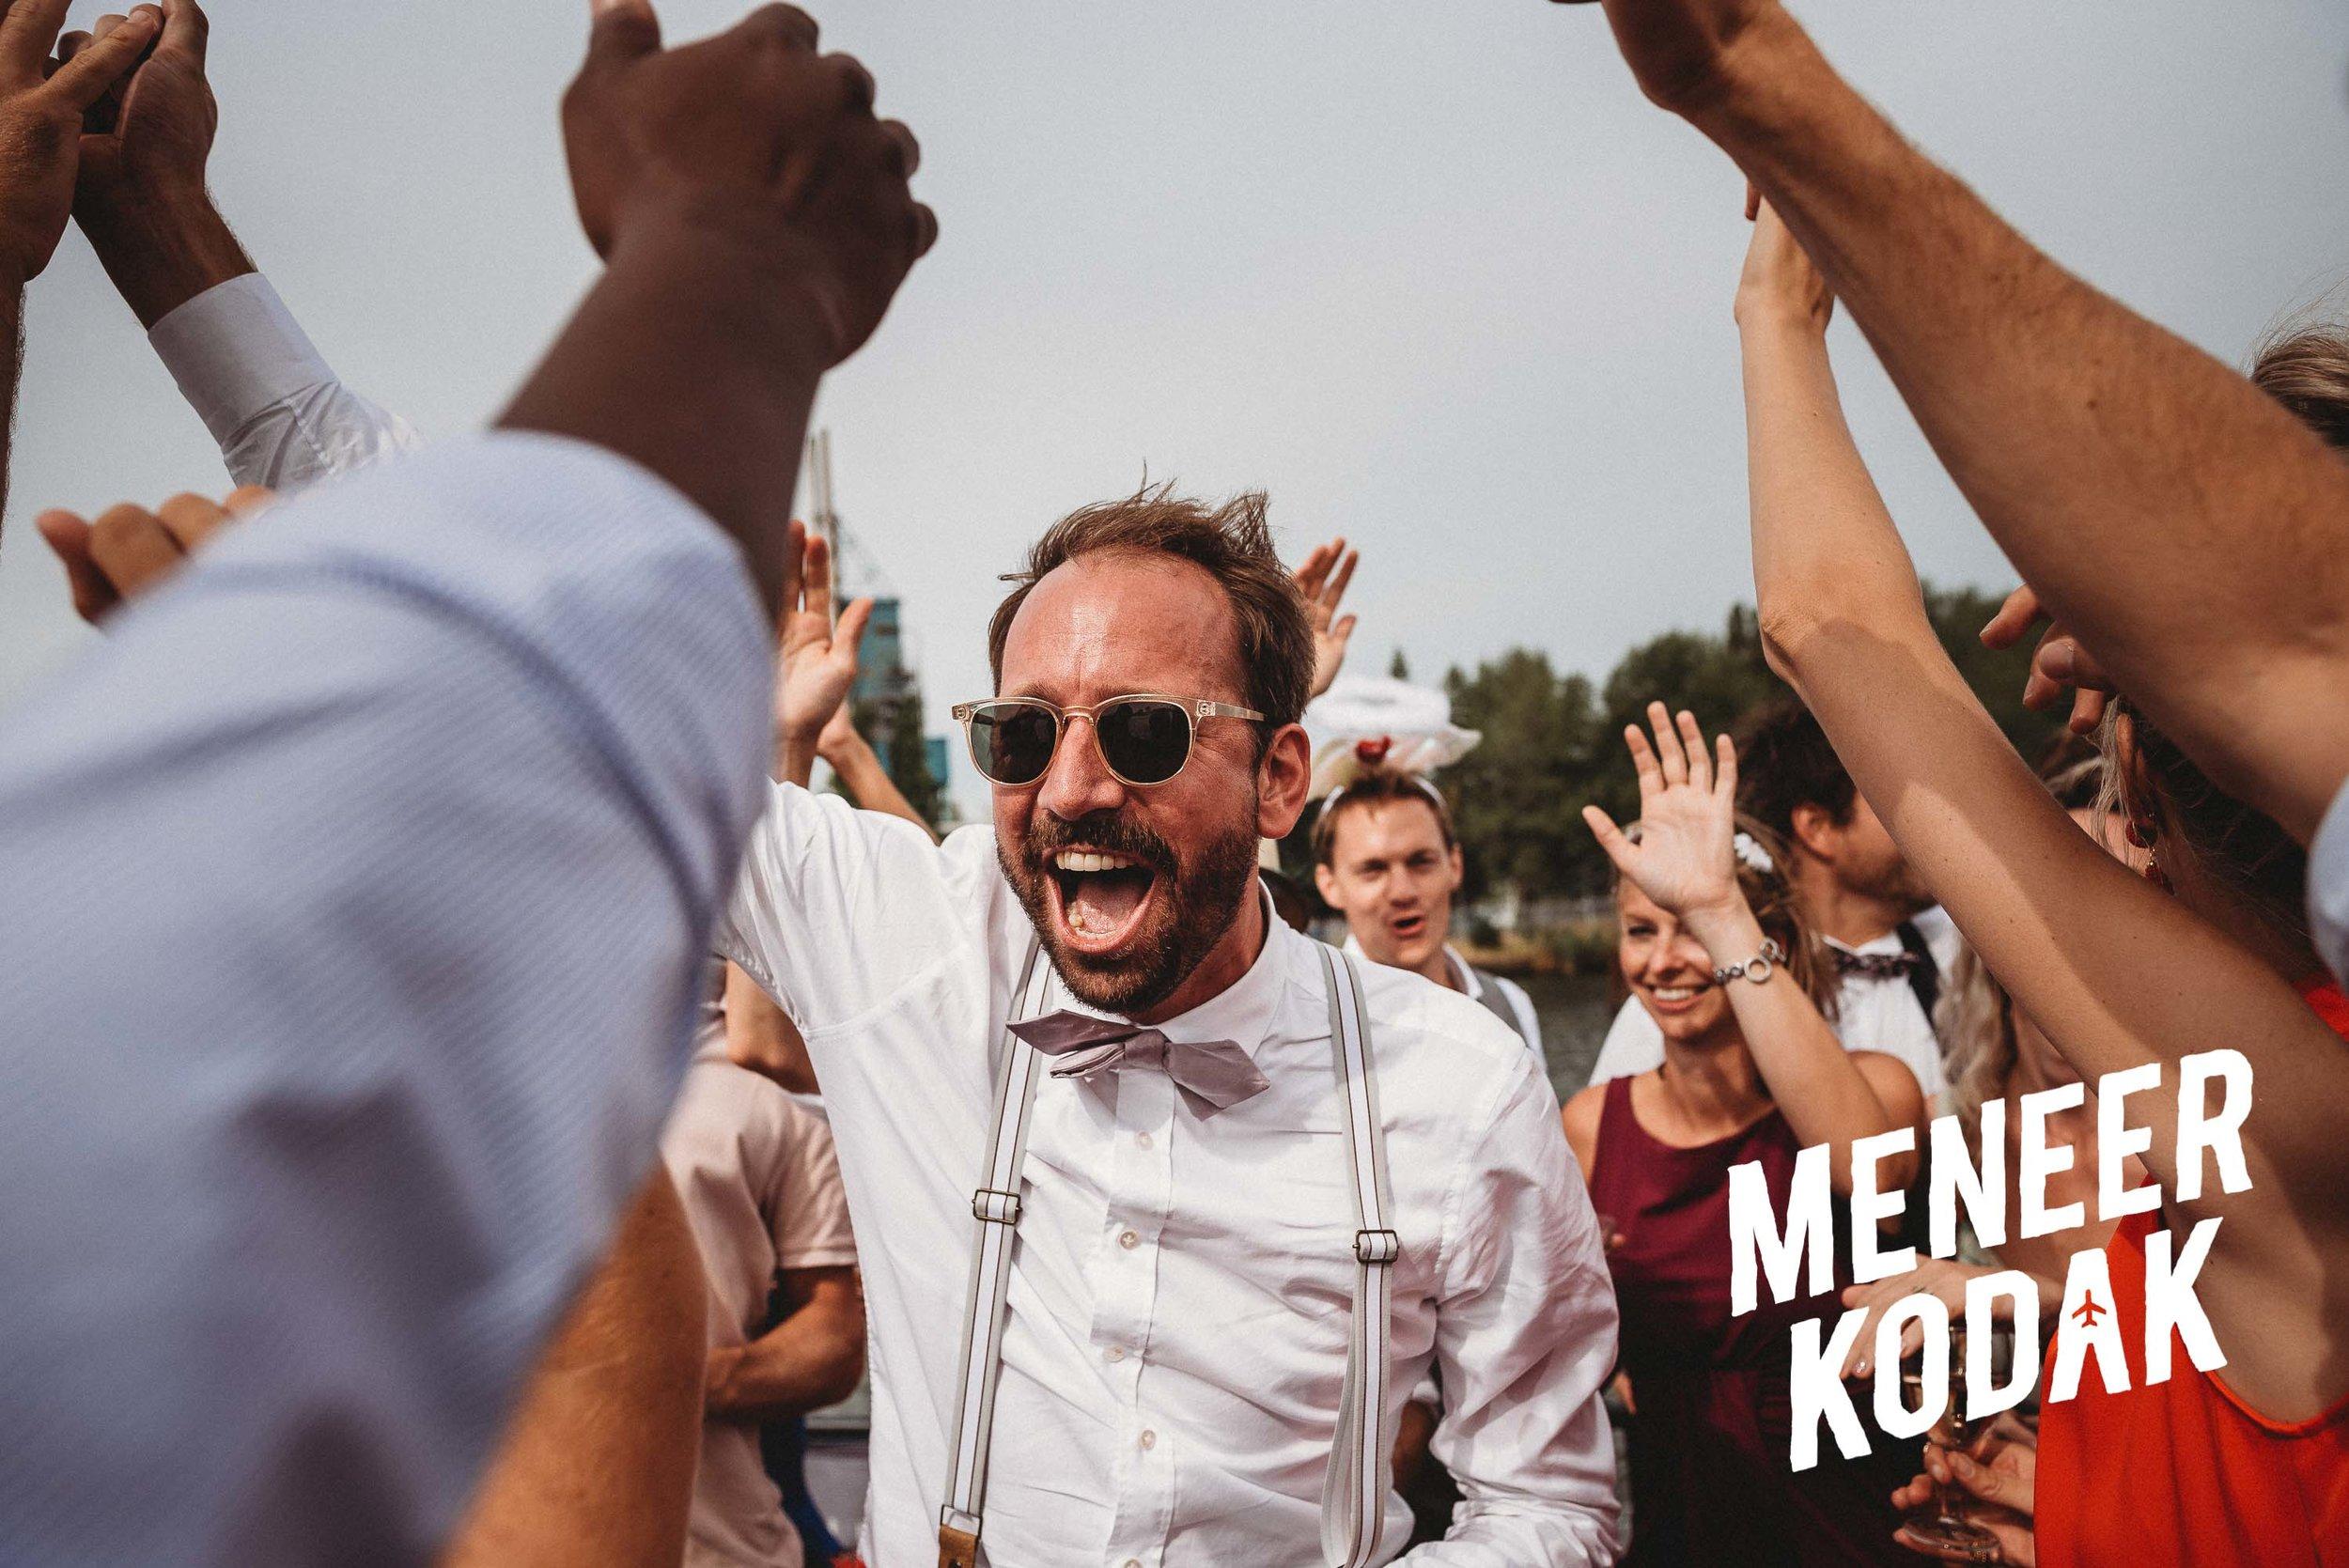 Meneer Kodak - Trouwfotograaf - Amsterdam - H&T-090.jpg